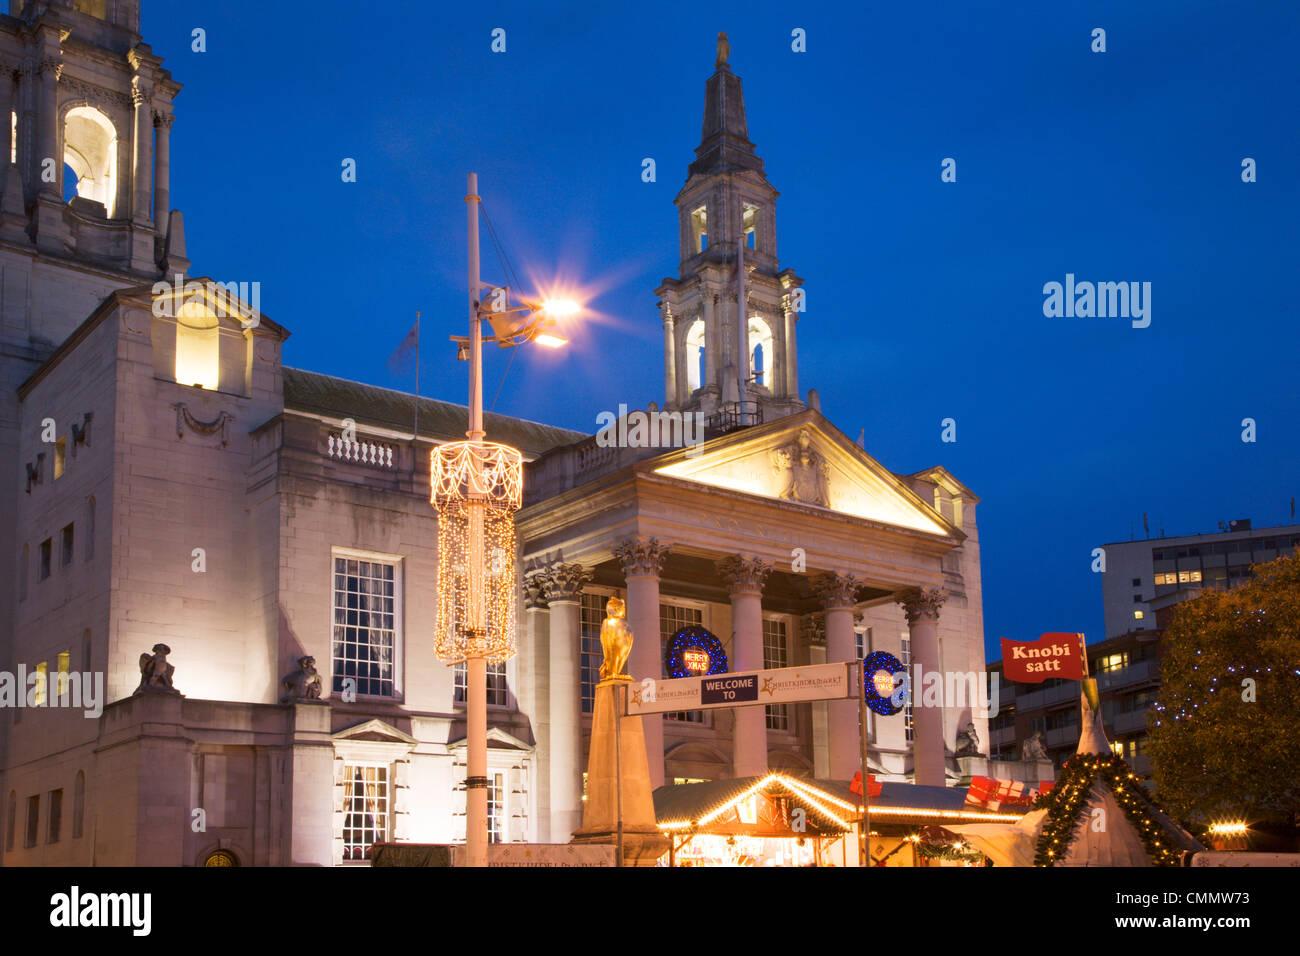 Civic Hall at dusk at Christmas, Leeds, West Yorkshire, Yorkshire, England, United Kingdom, Europe - Stock Image